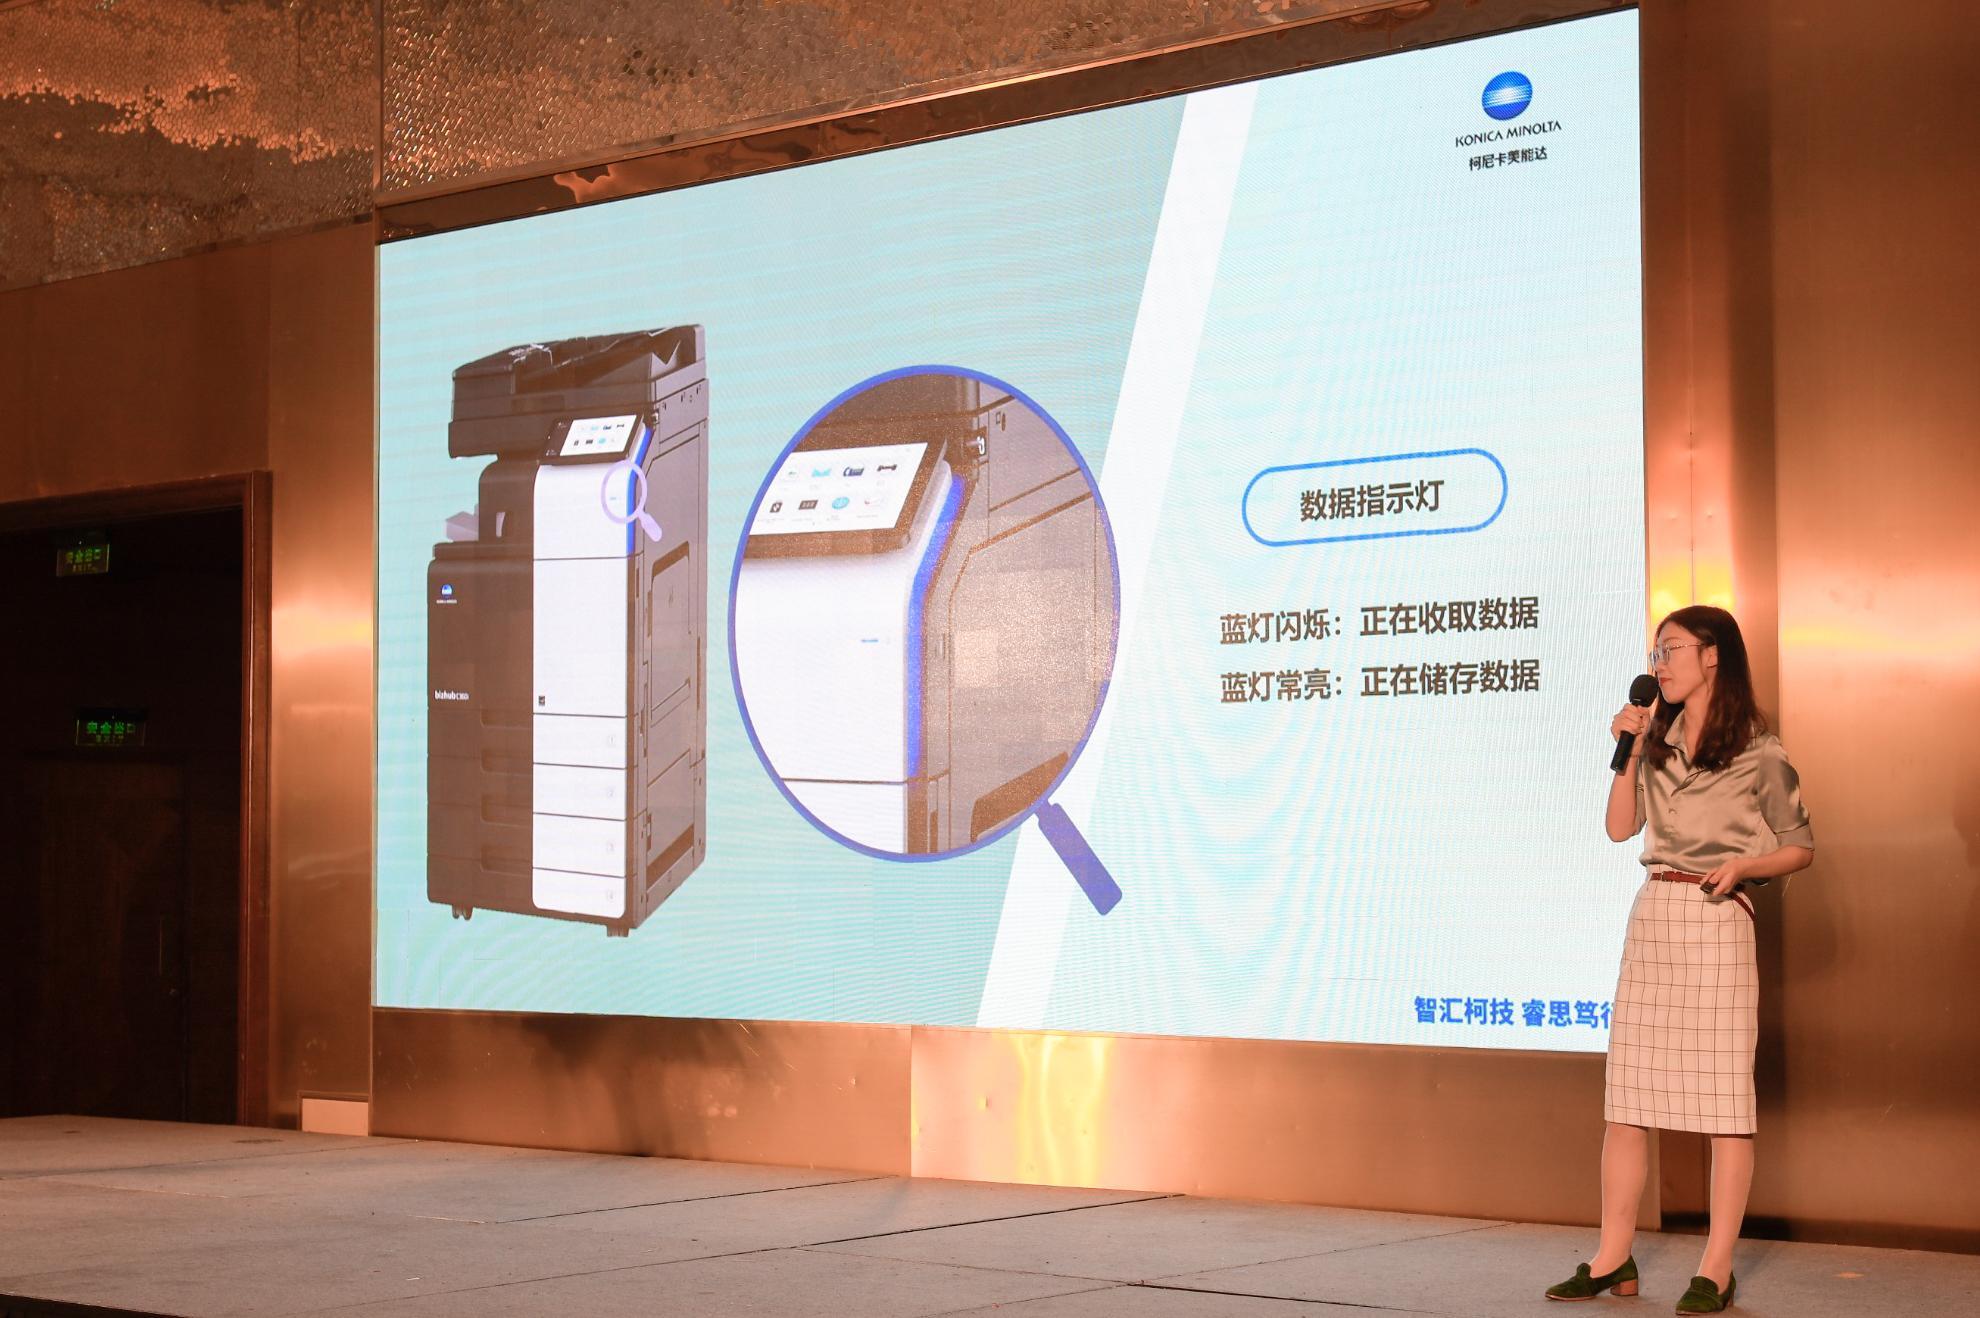 8-柯尼卡美能达市场部张雪薇现场讲解全新一代i-系列多功能复合机.jpg